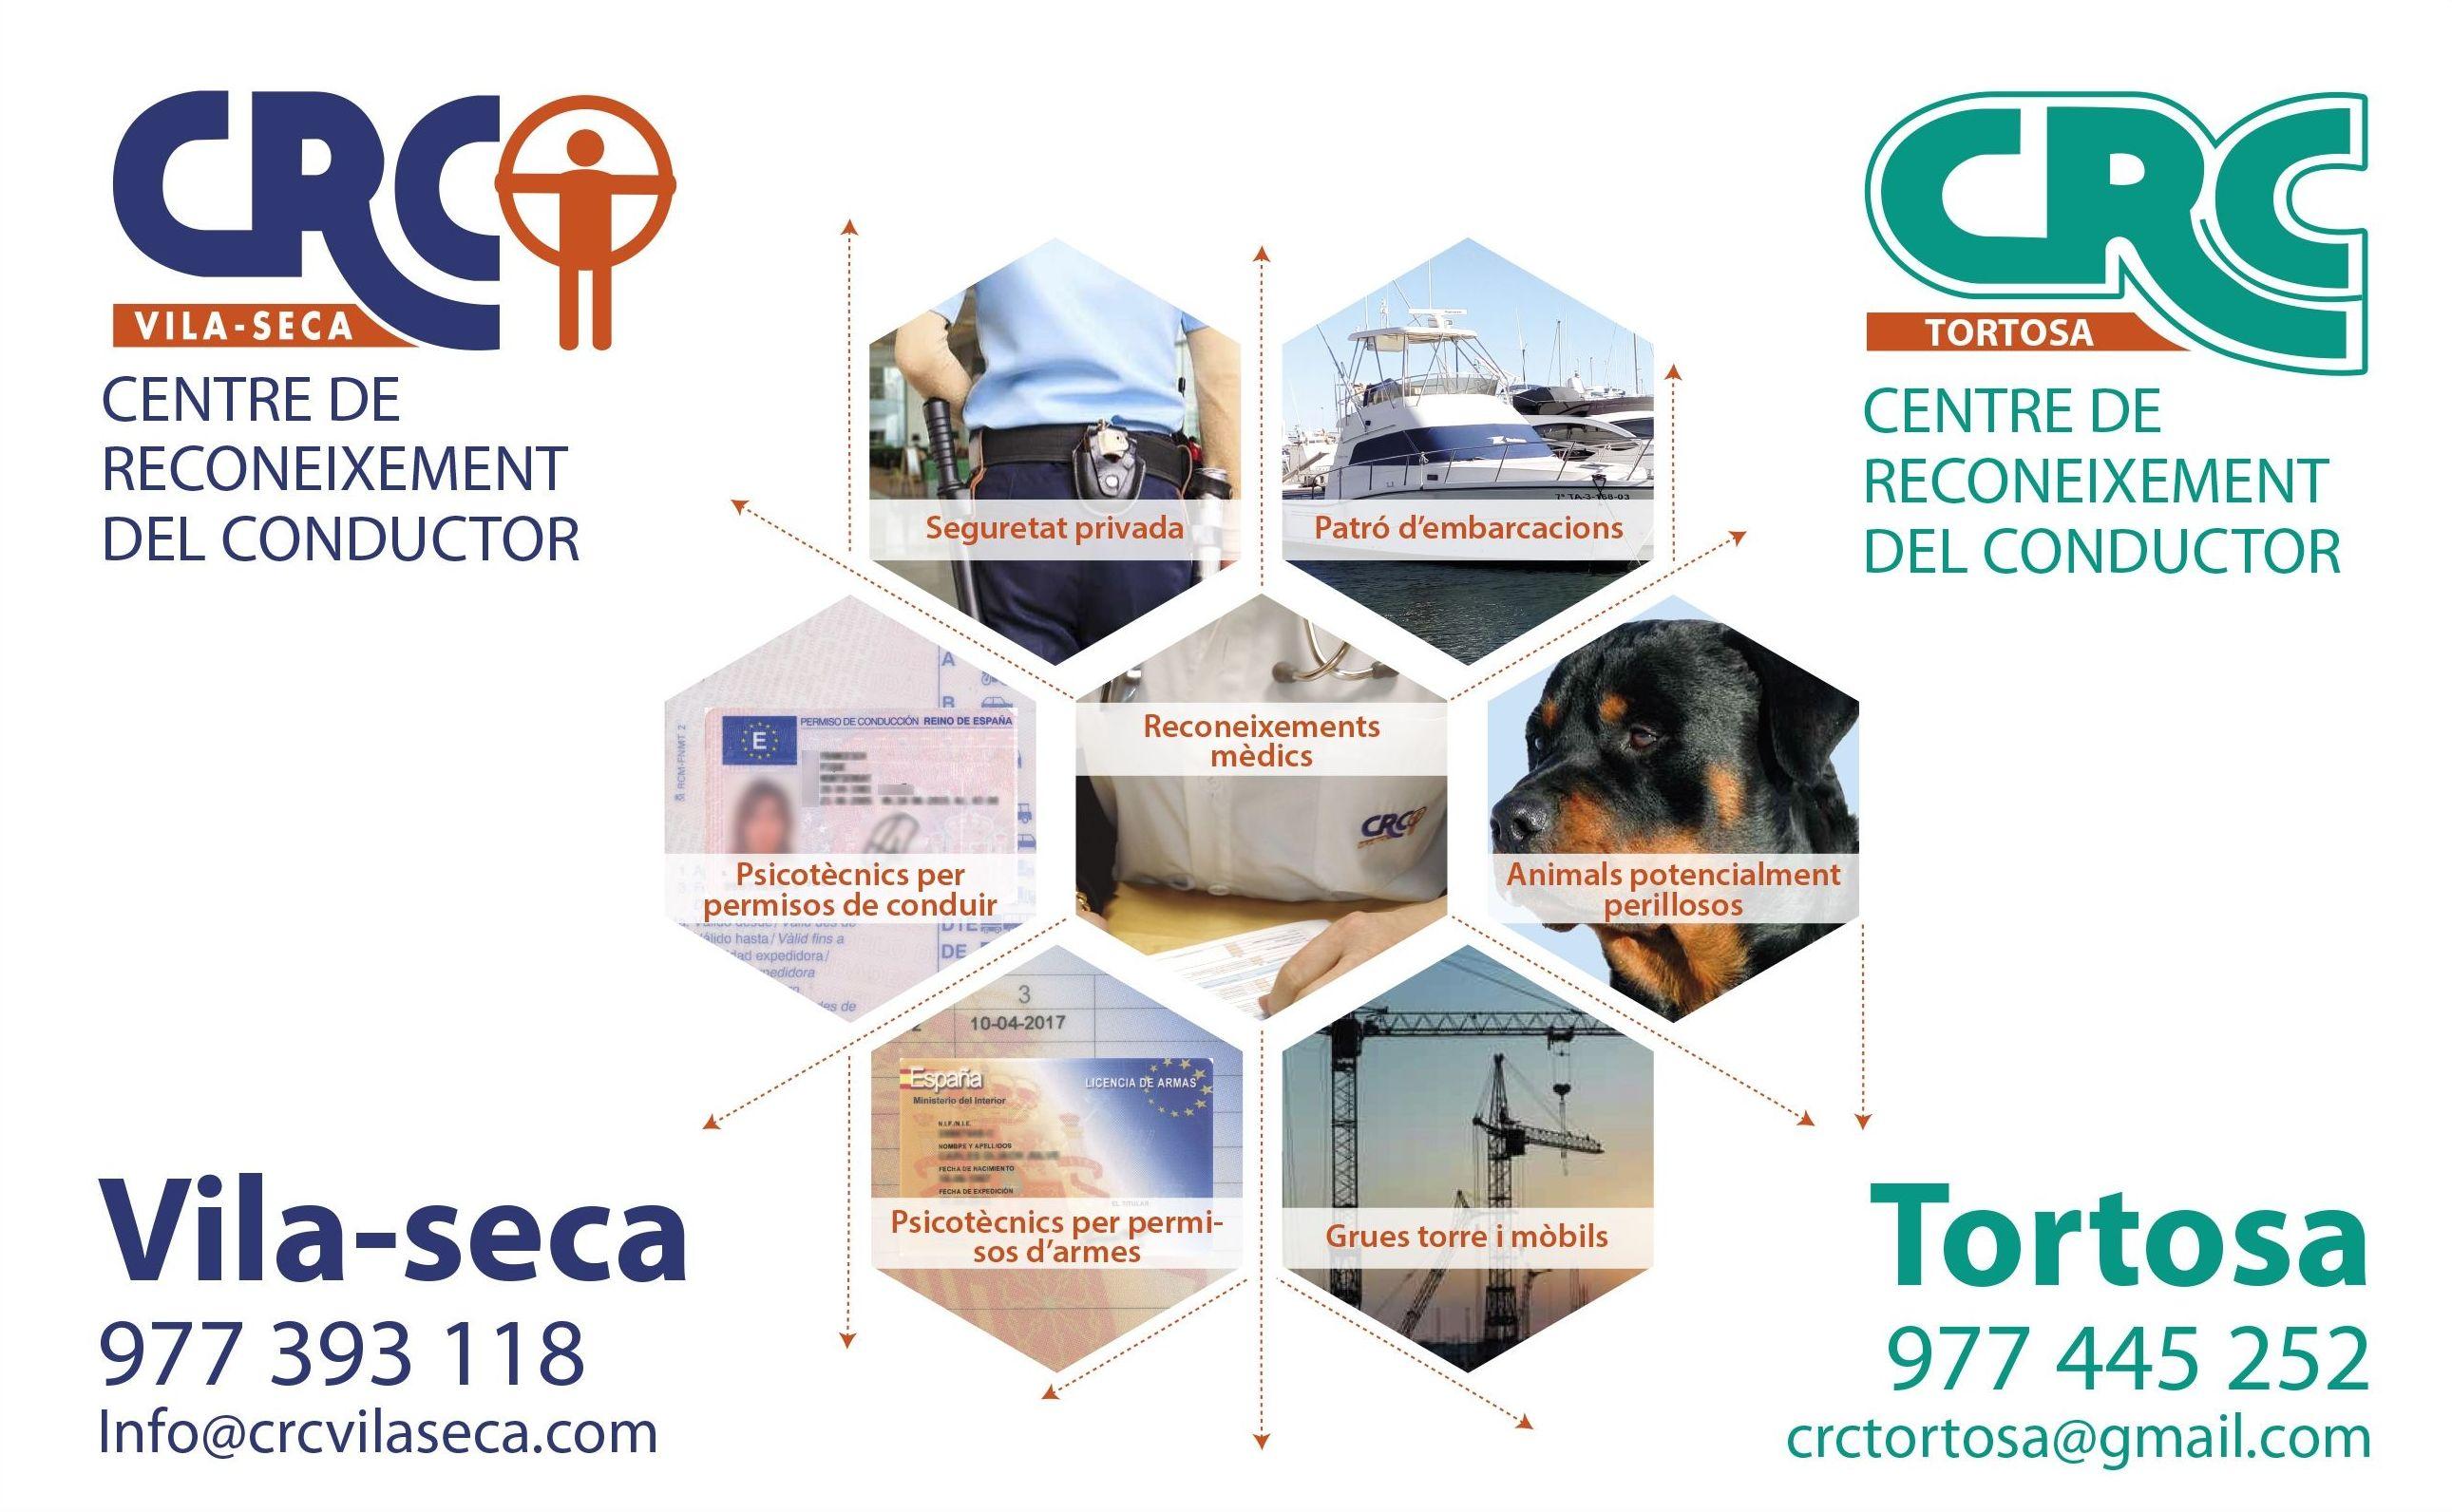 Foto 13 de Reconocimientos y certificados médicos en Vila-seca | CENTRE DE RECONEIXEMENT DEL CONDUCTOR DE VILA-SECA